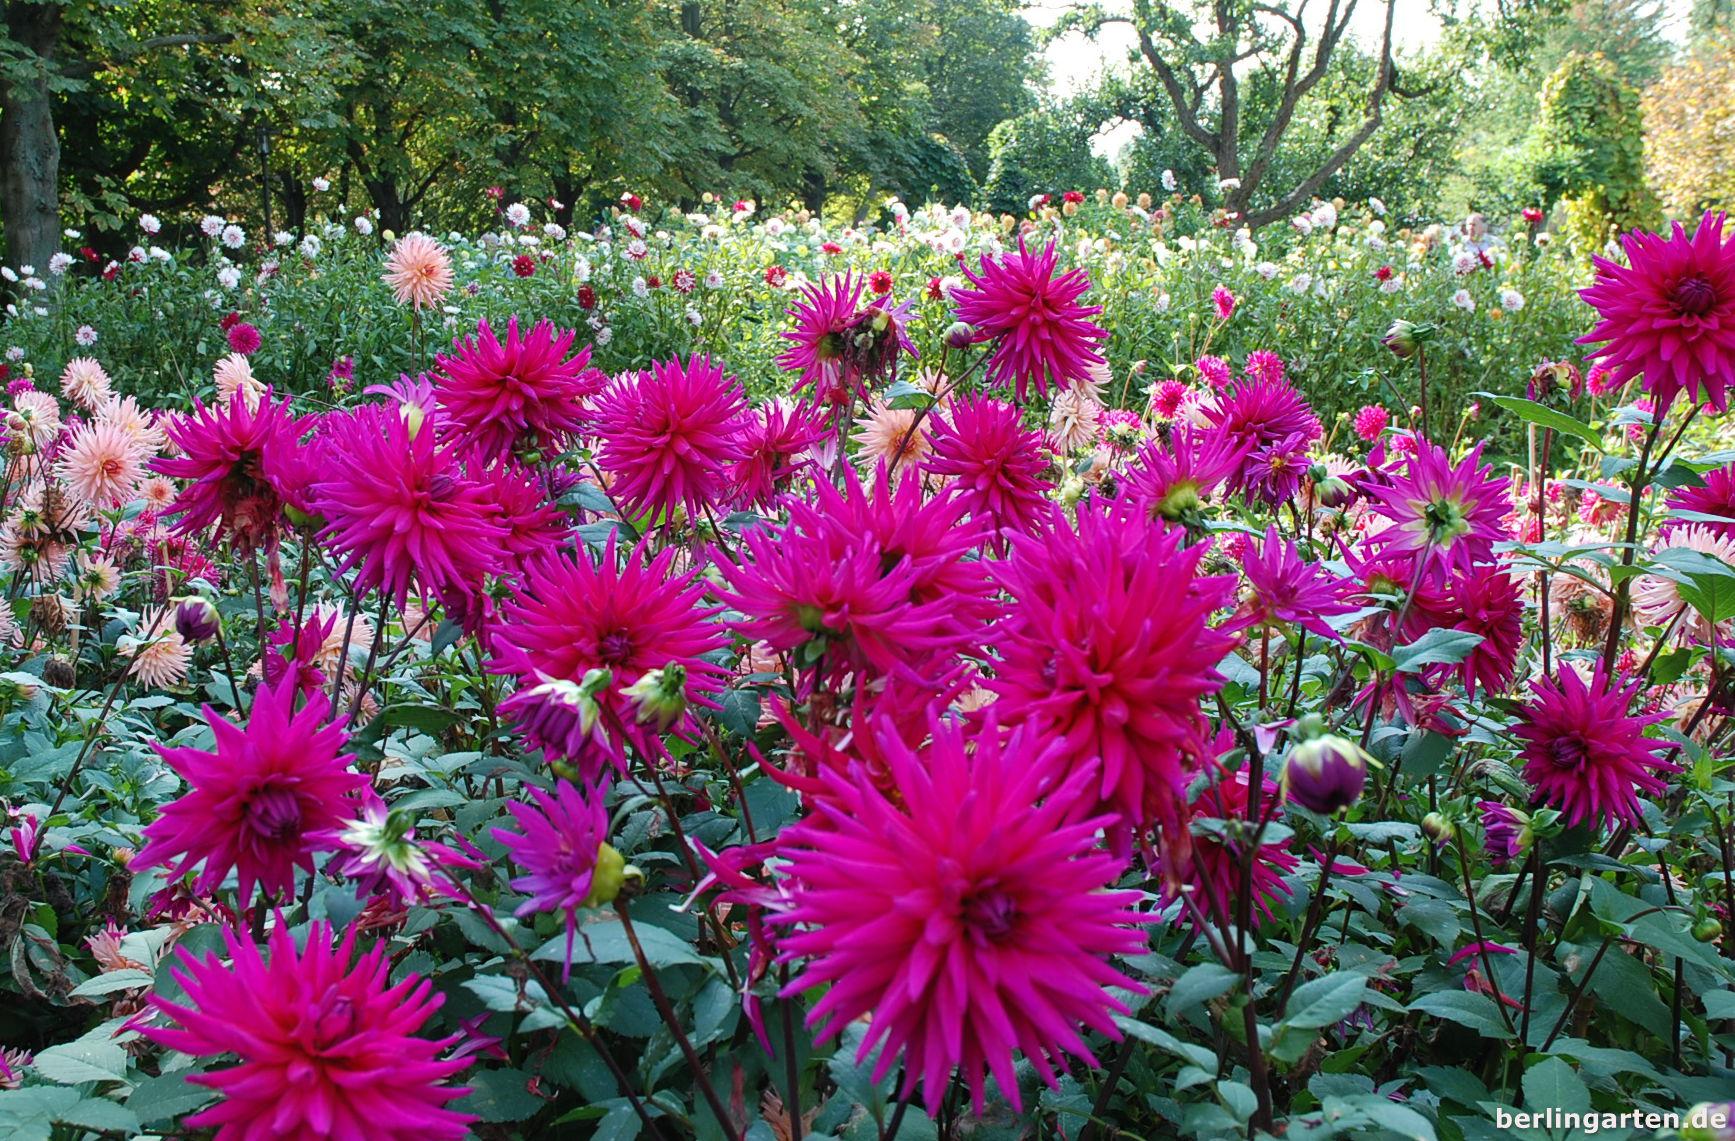 Garten 2021 britzer tulipan TULIPAN 2021